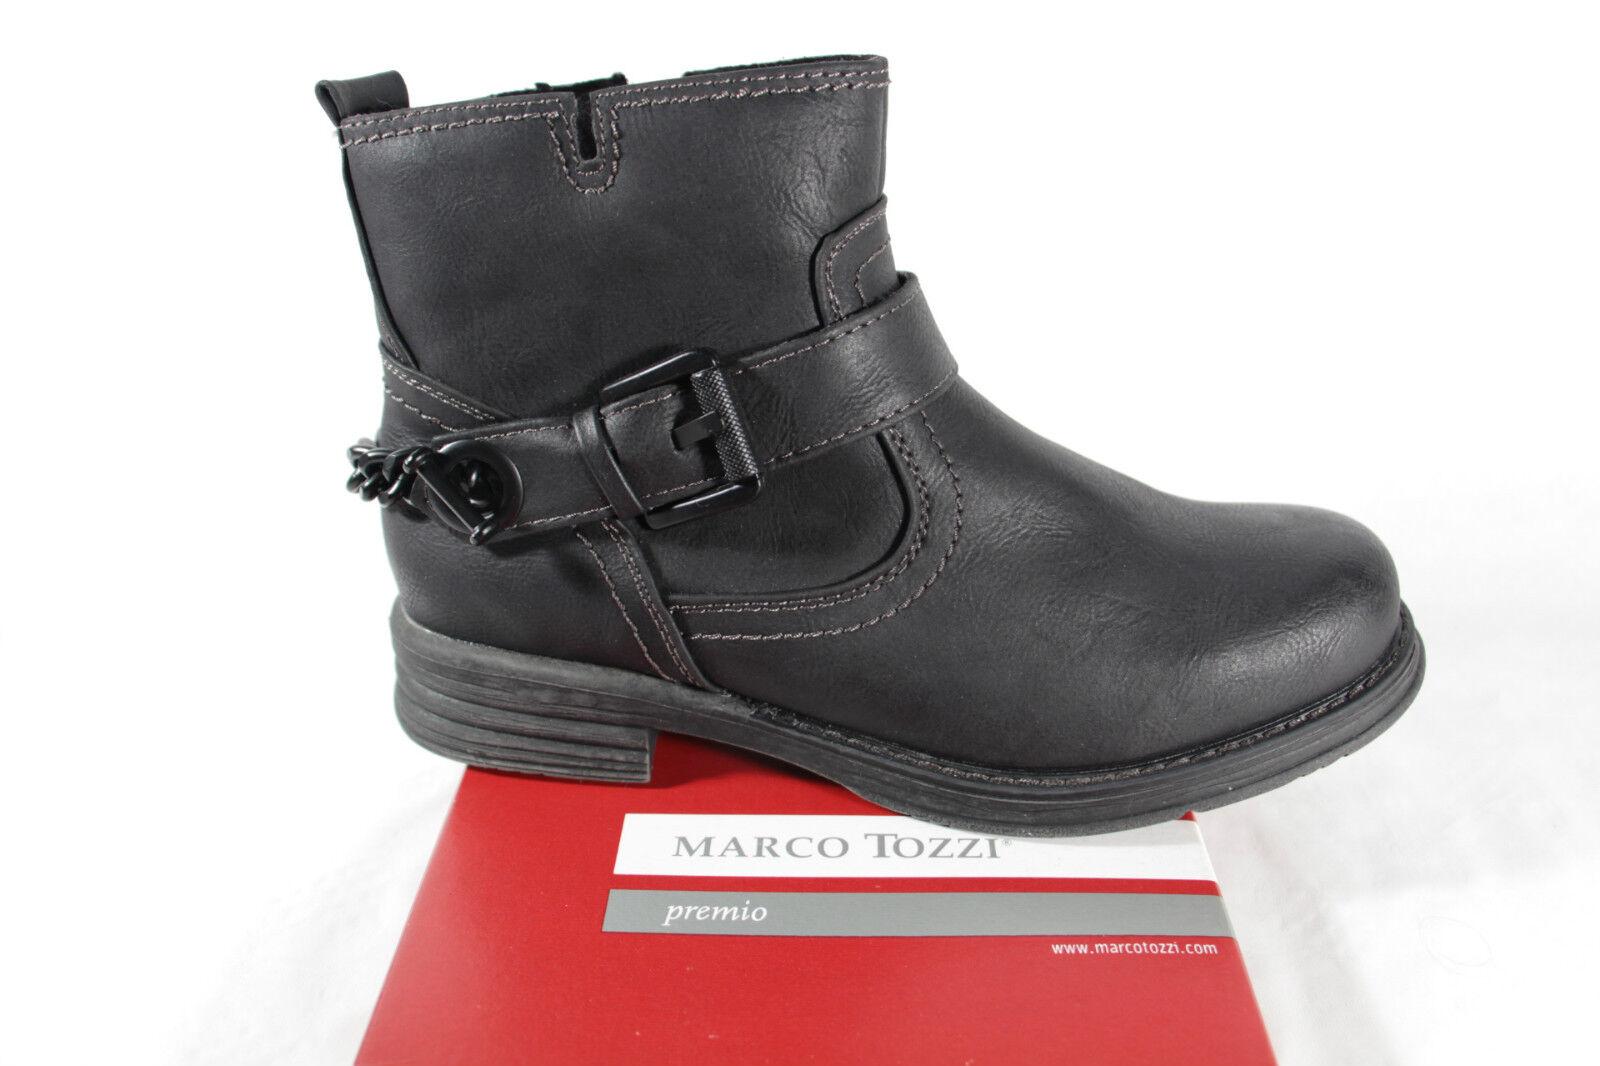 Marco Tozzi bottes pour Femme 25451 bottes Bottines bottes D'Hiver noir Rv Neuf